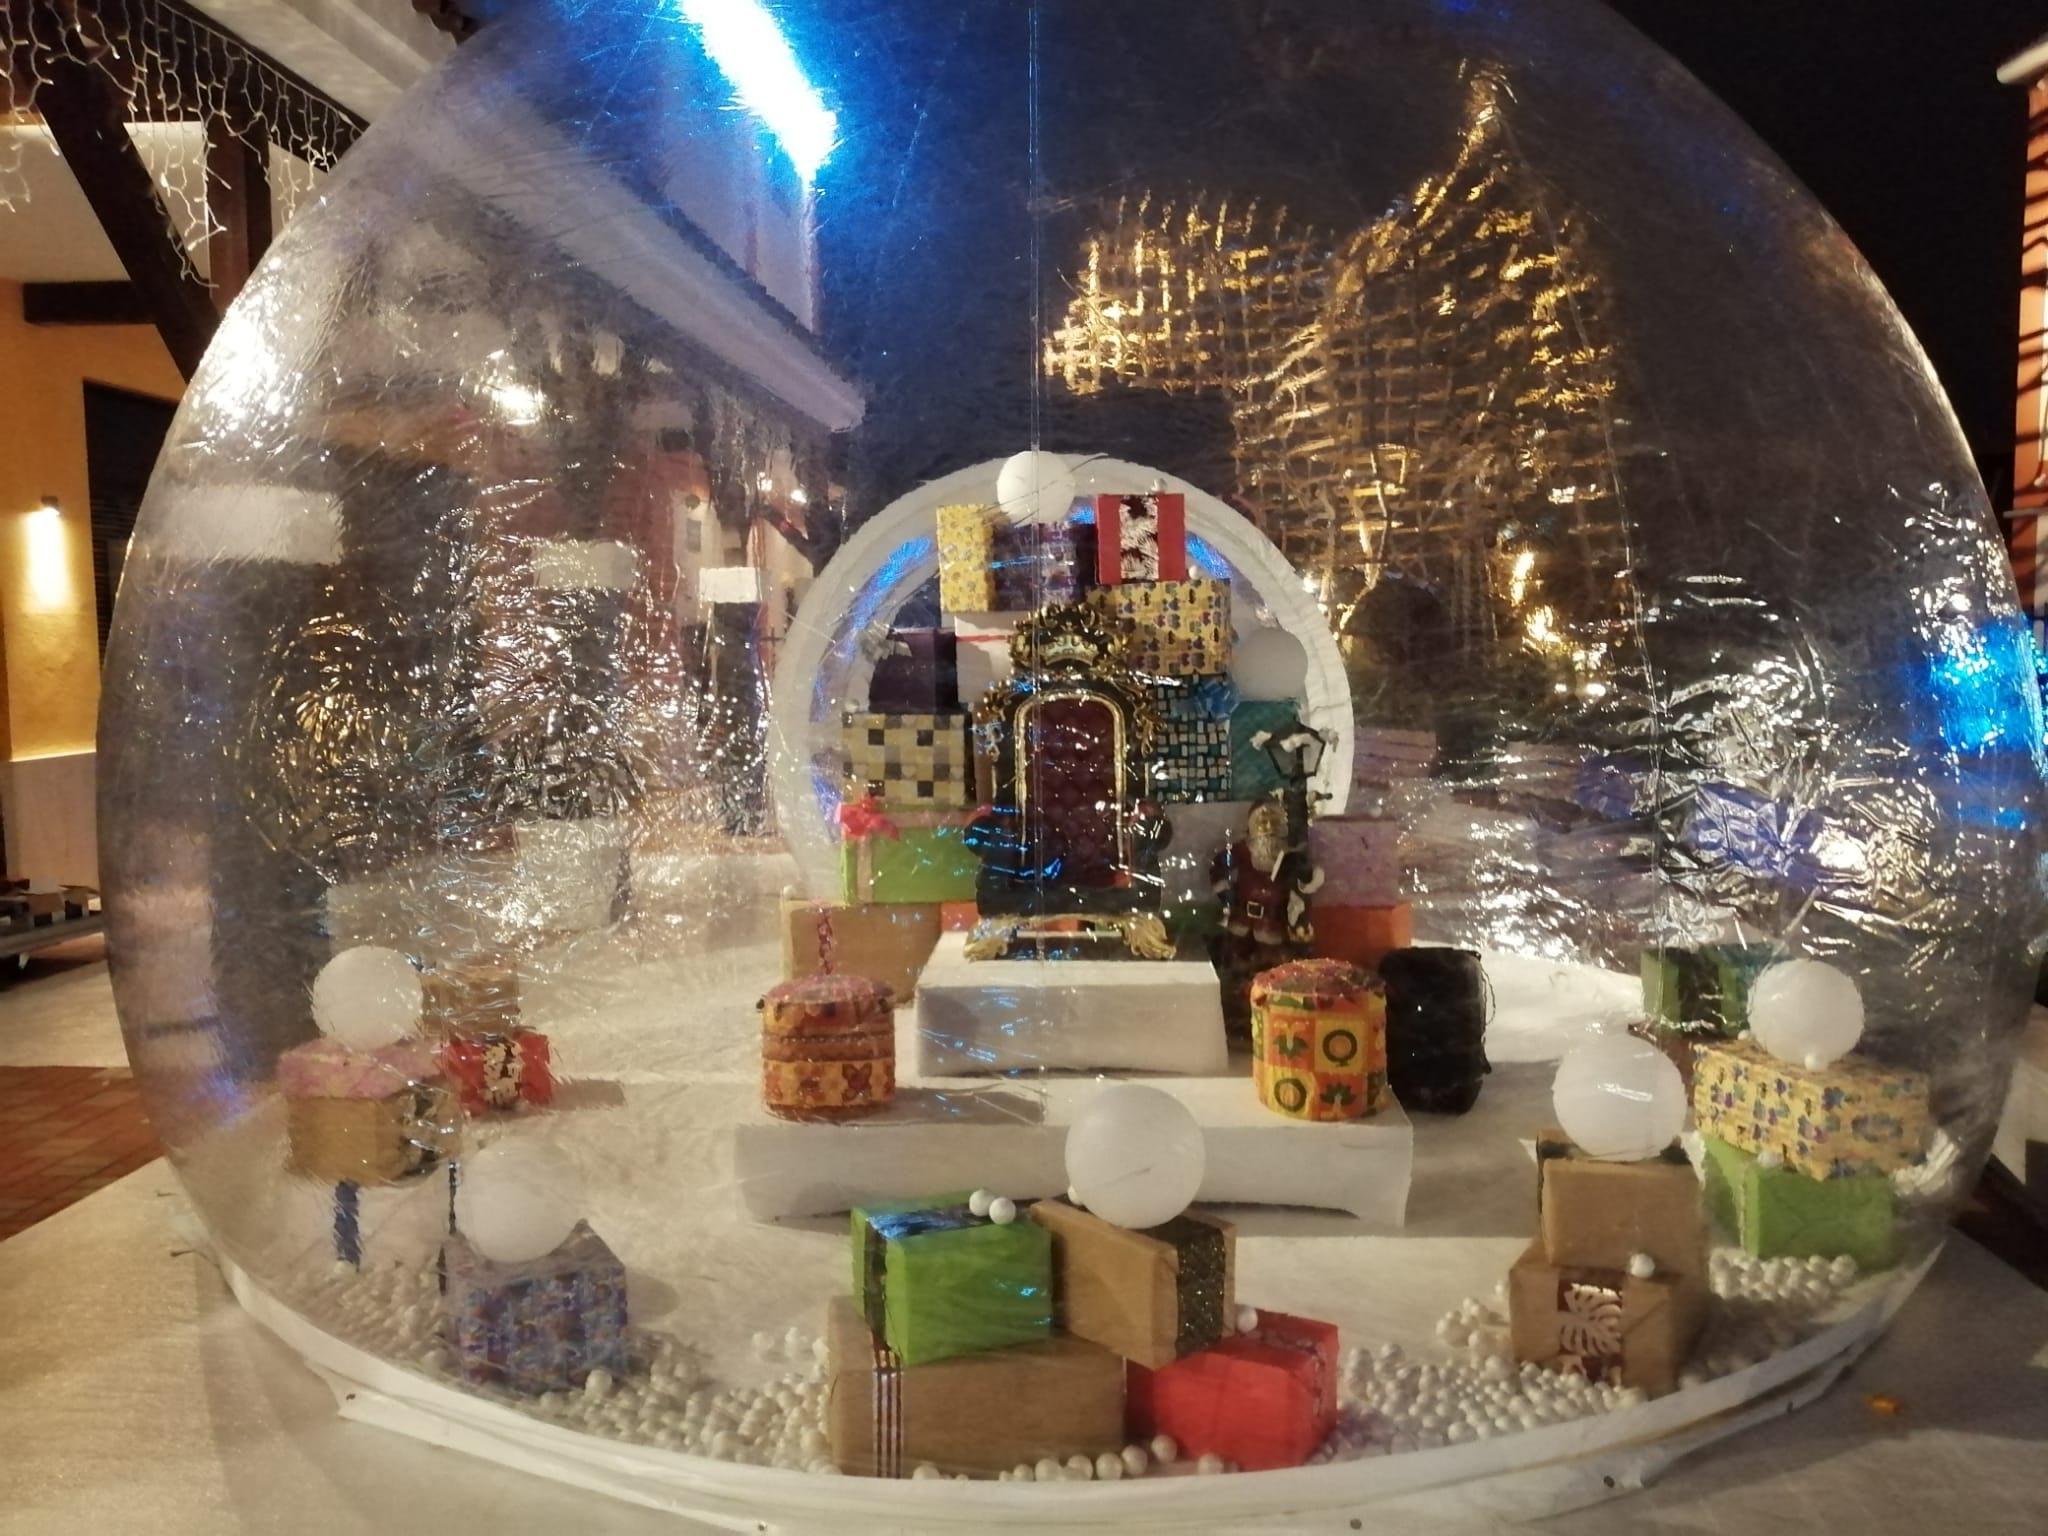 Visita al Paje Real en Plaza Mayor